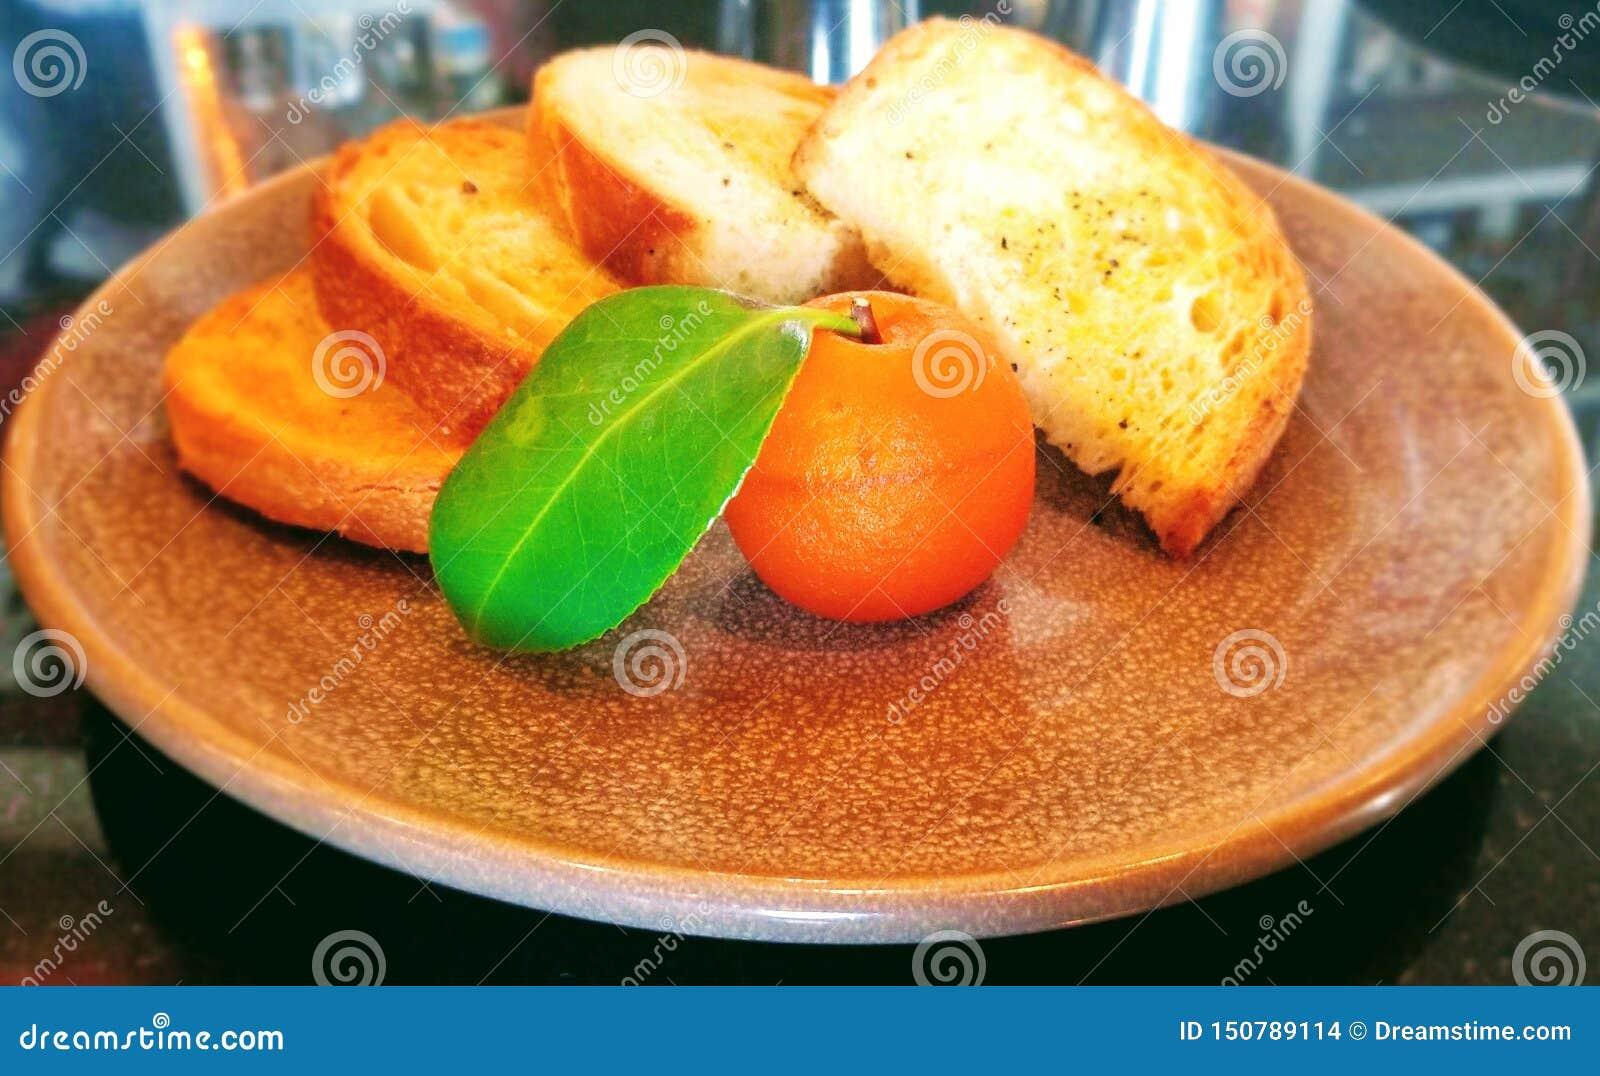 Apéritifs gastronomes : gras de foie pour le déjeuner